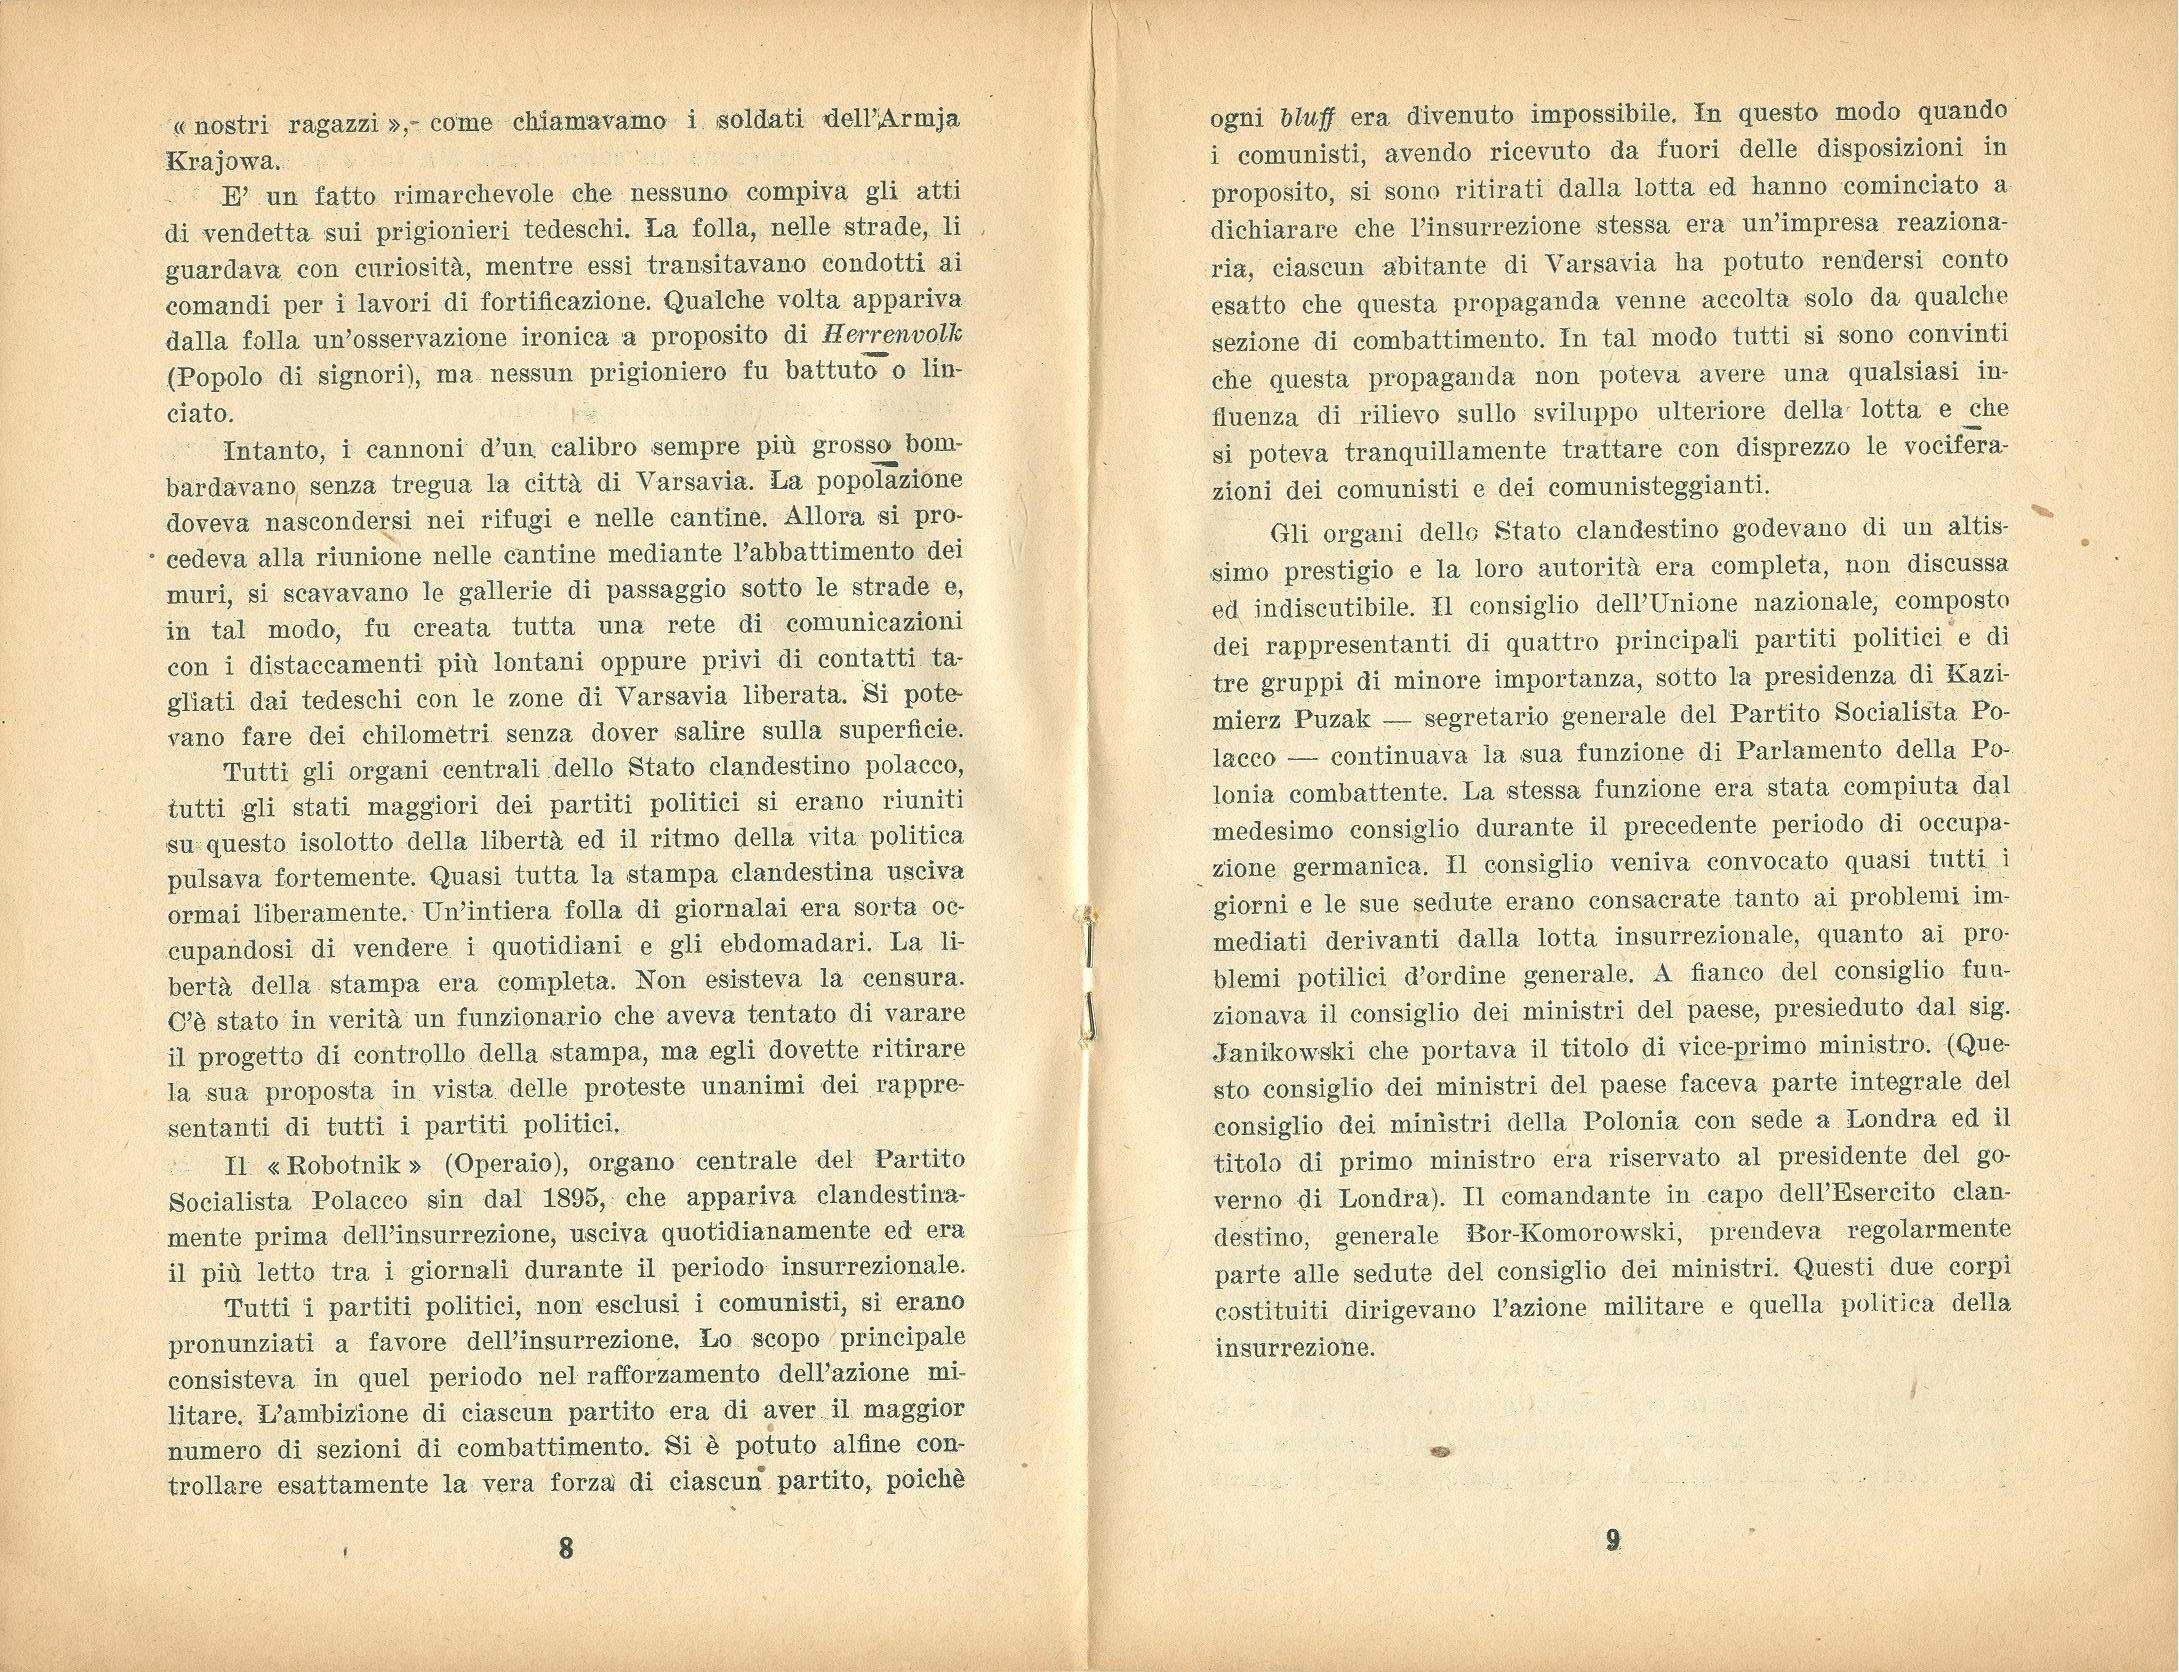 Zygmunt Zaremba, La verità sull'insurrezione di Varsavia nel 1944 (1946) - pag. 6